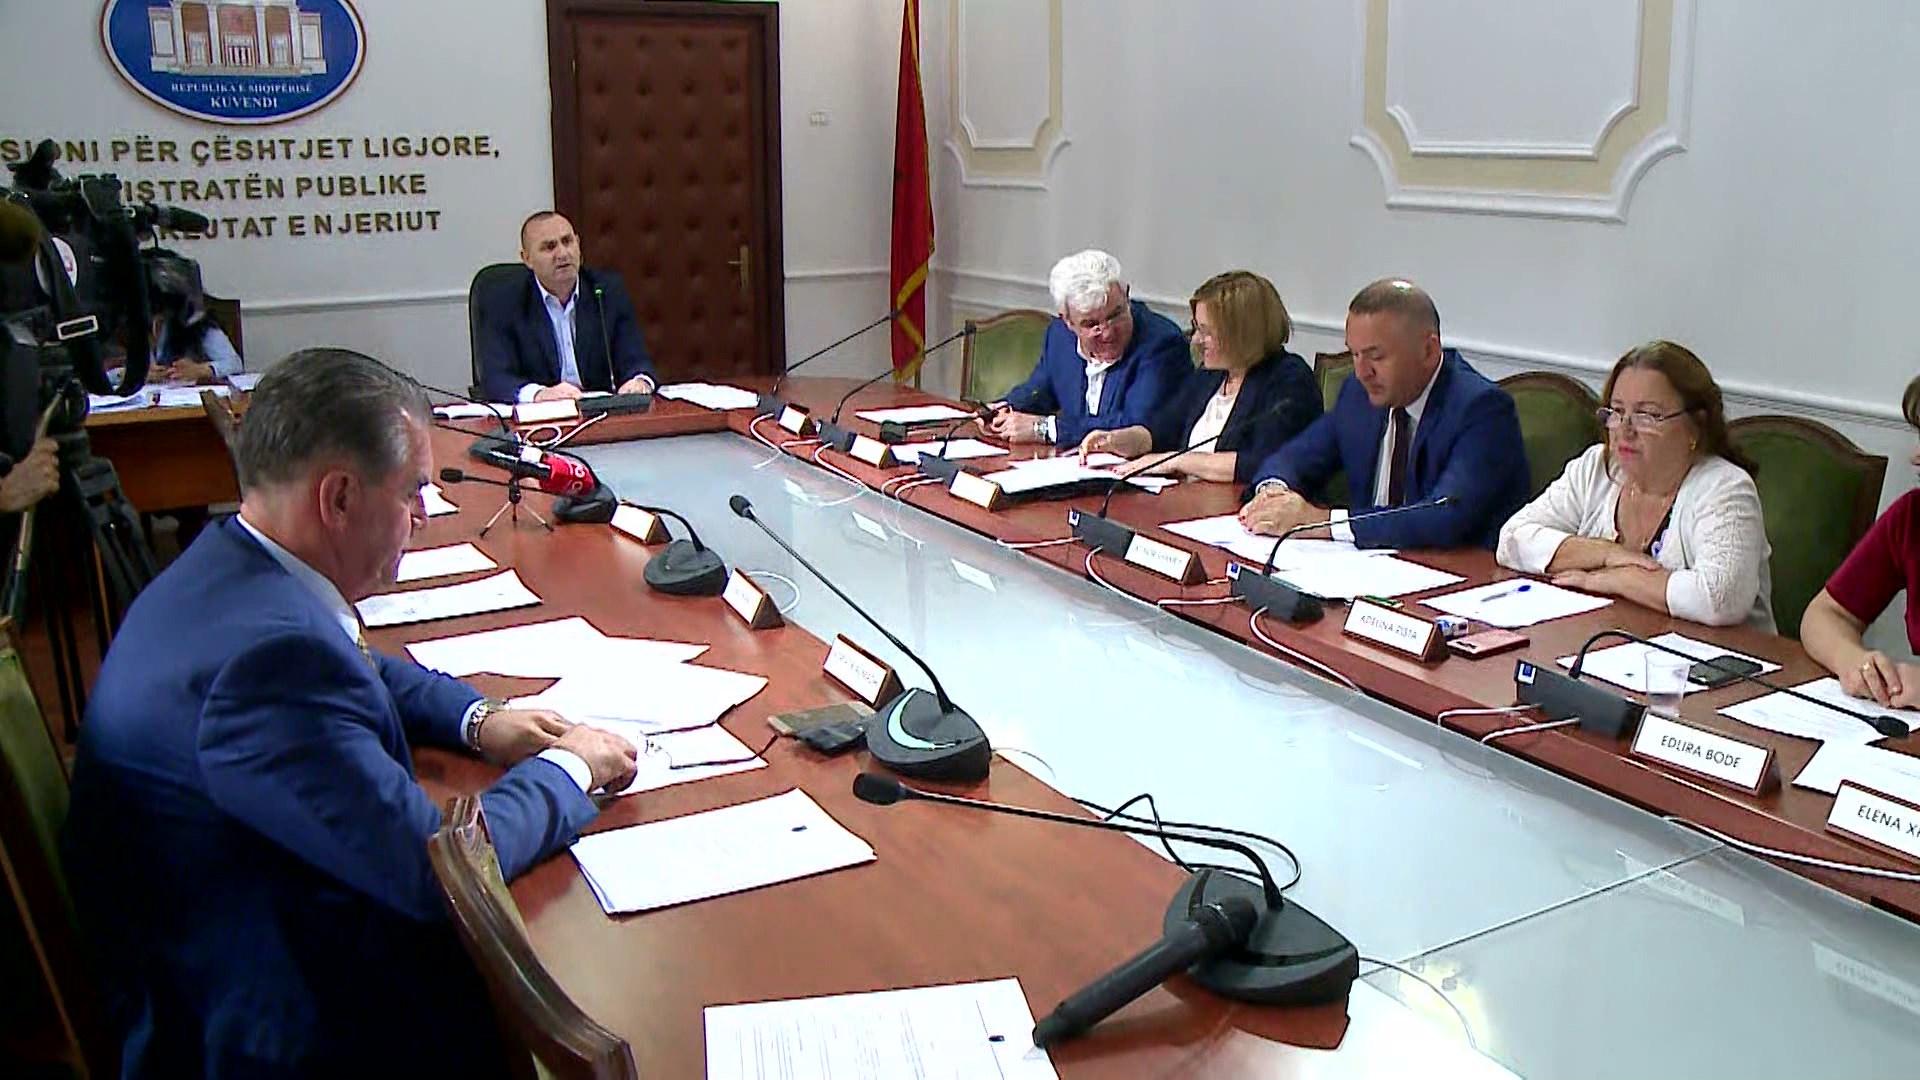 Ligjet rrëzojnë dekretin e Metës, miratohet komisioni për shkarkimin Presidentit